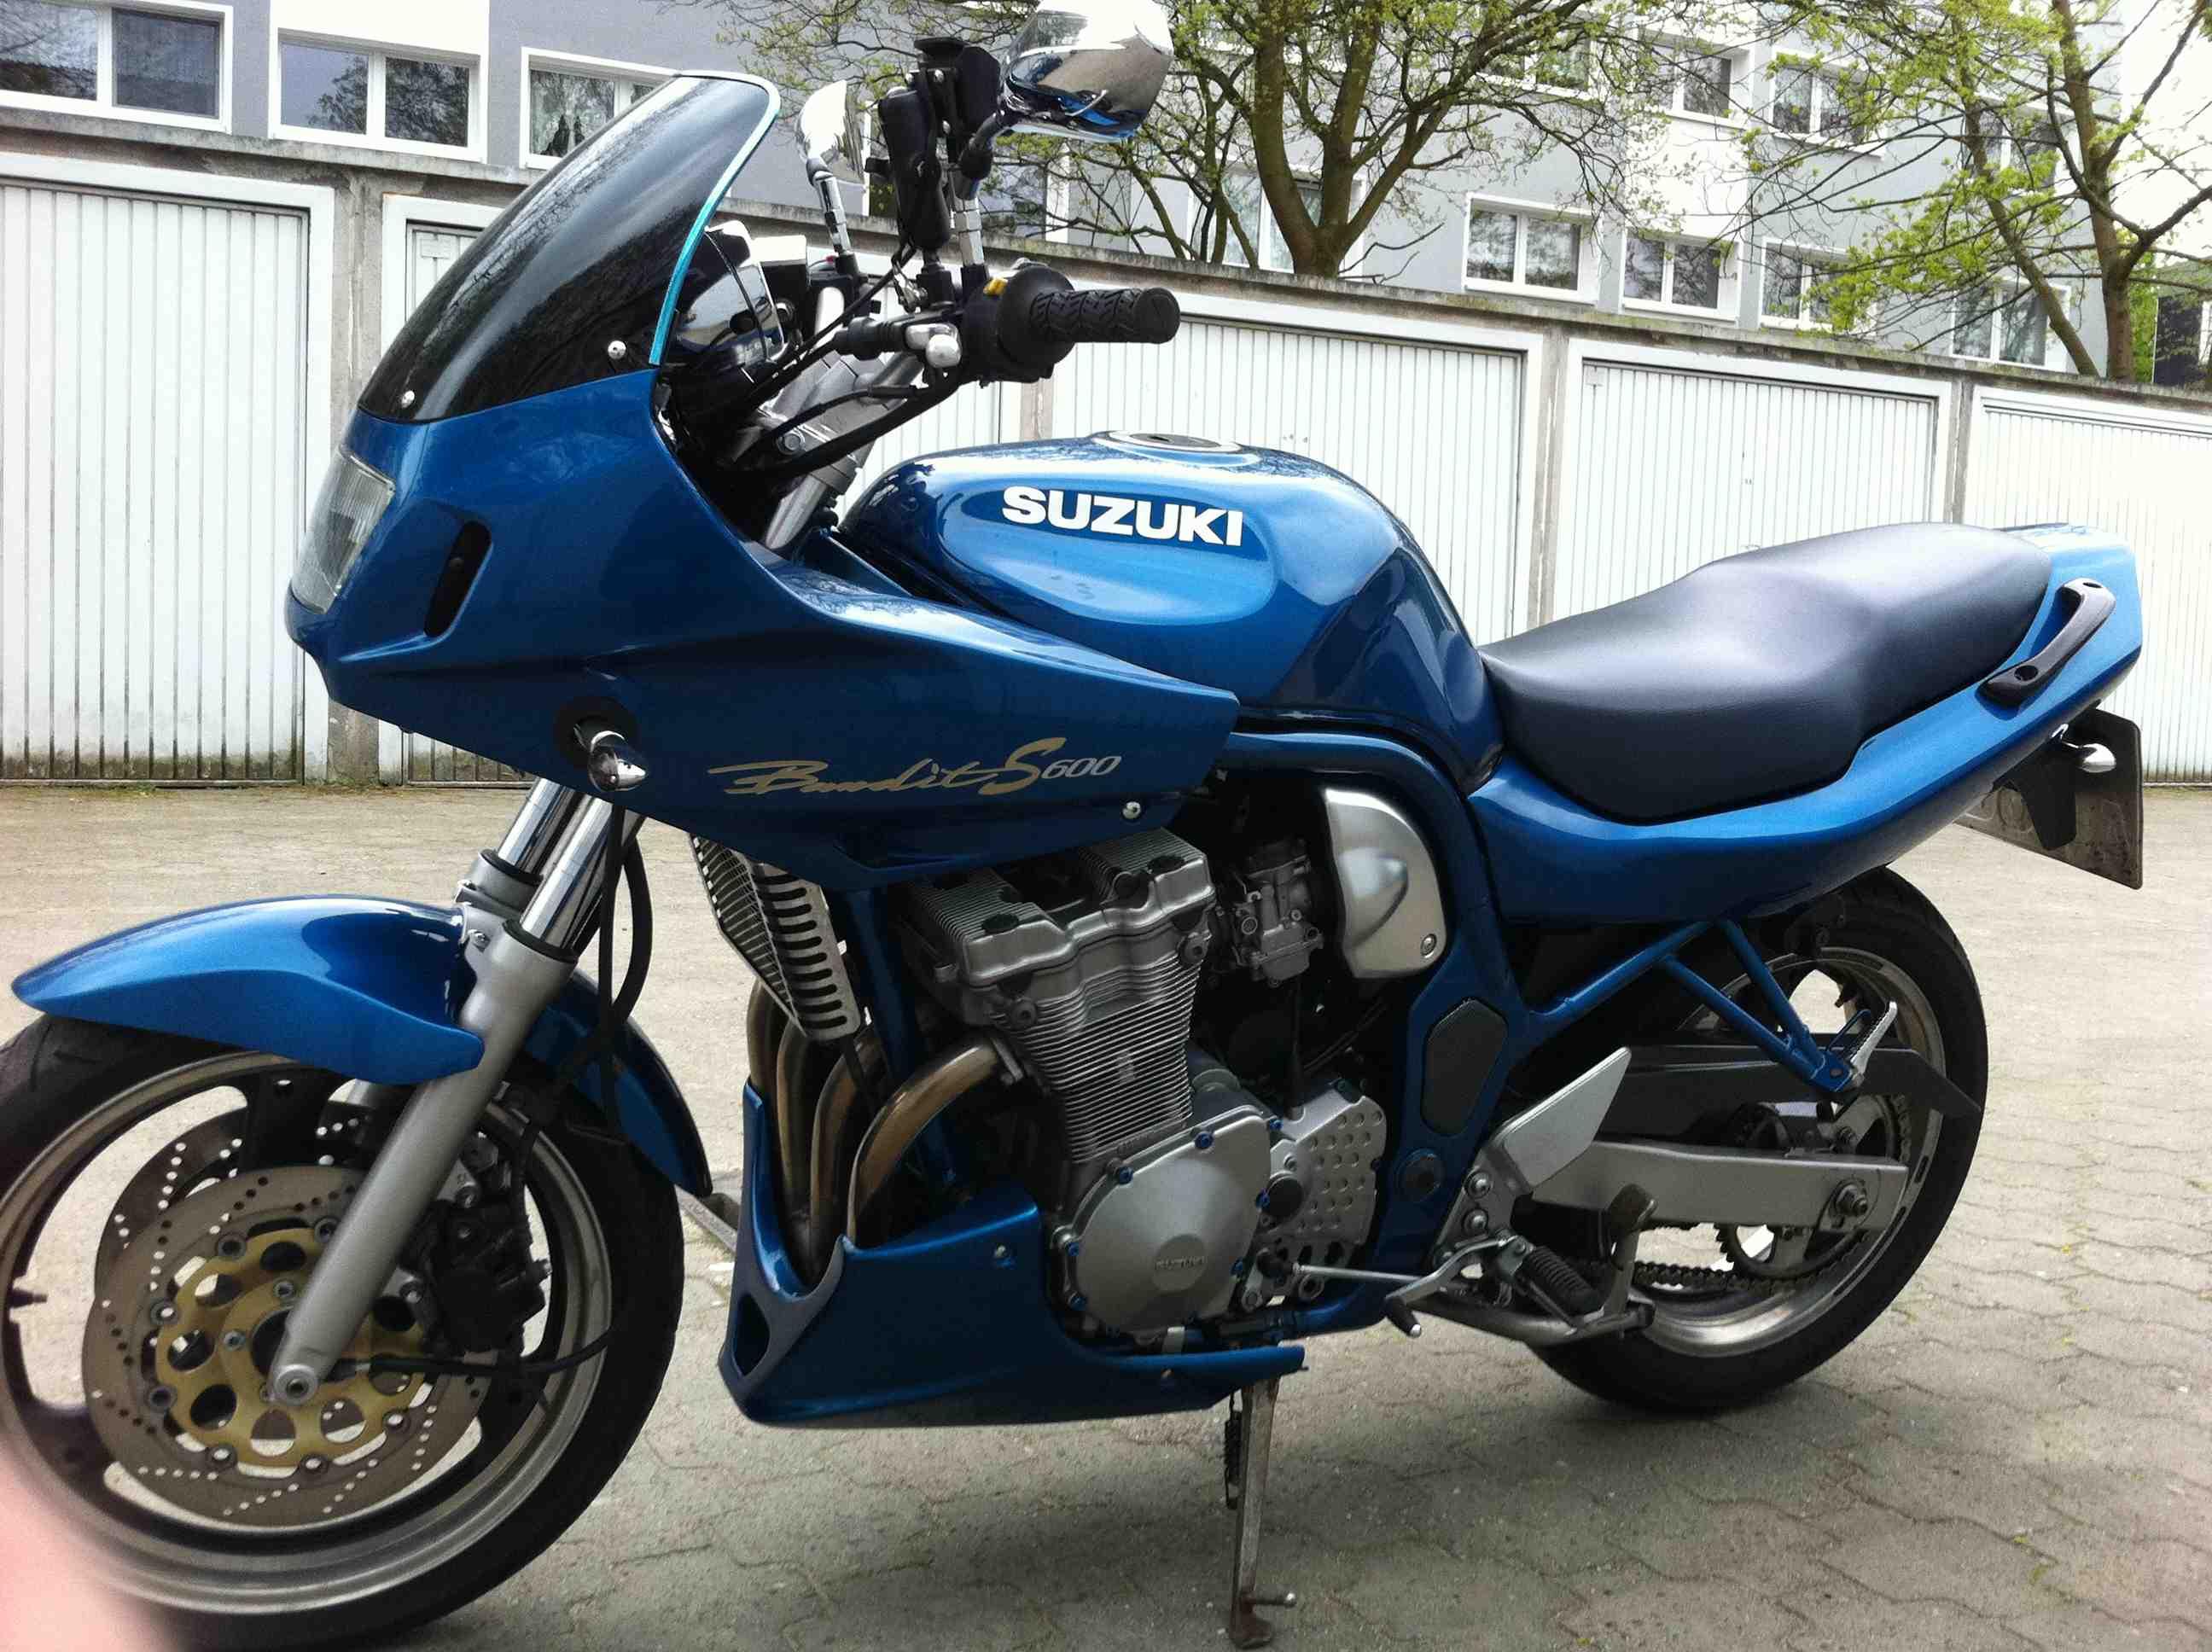 Suzuki GSF600 Motorcycle Workshop Service Repair Manual 1995-1999